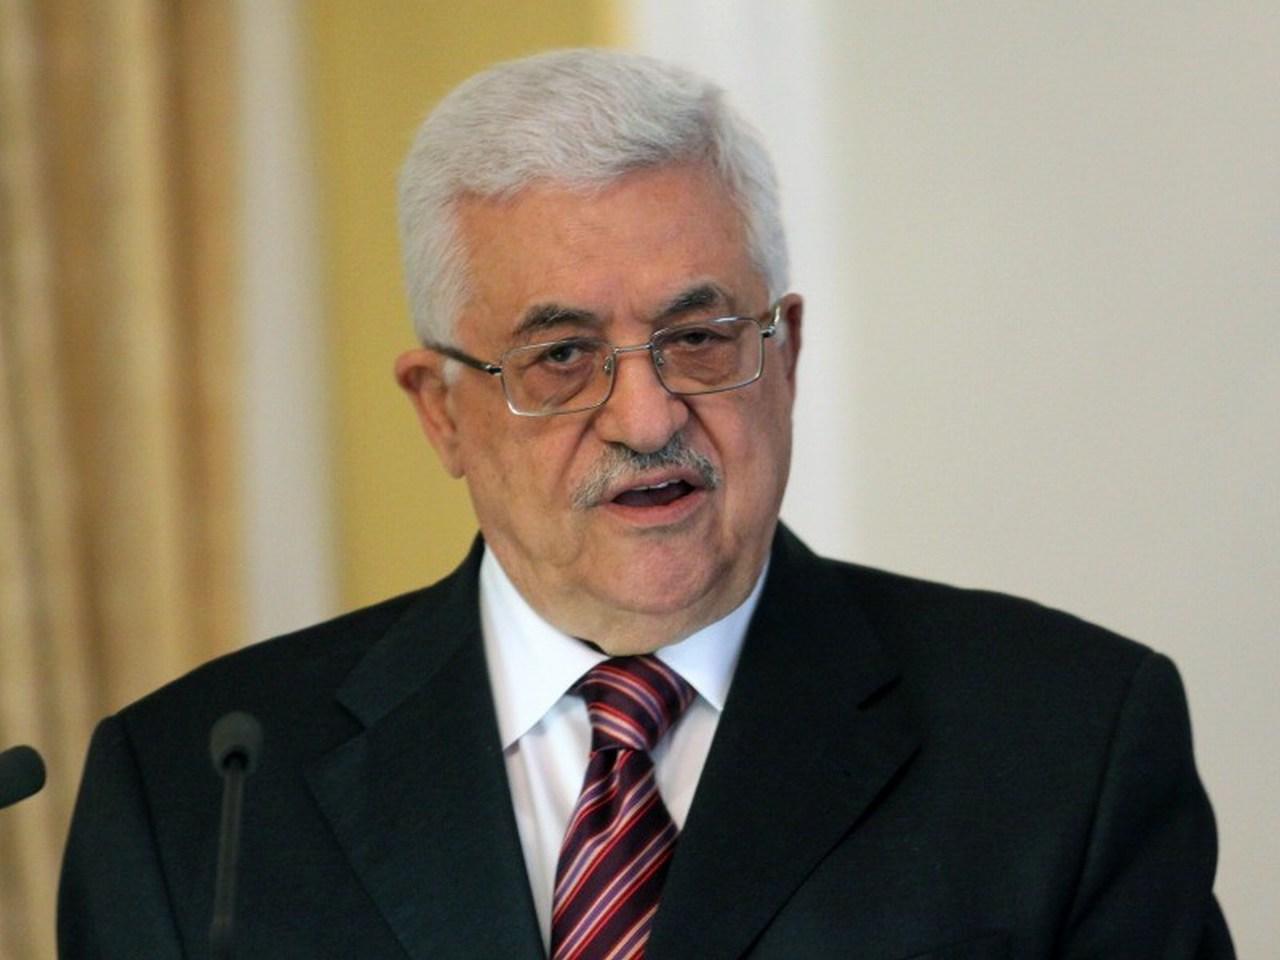 الرئيس محمود عباس: شعبيته علت في قطاع غزة